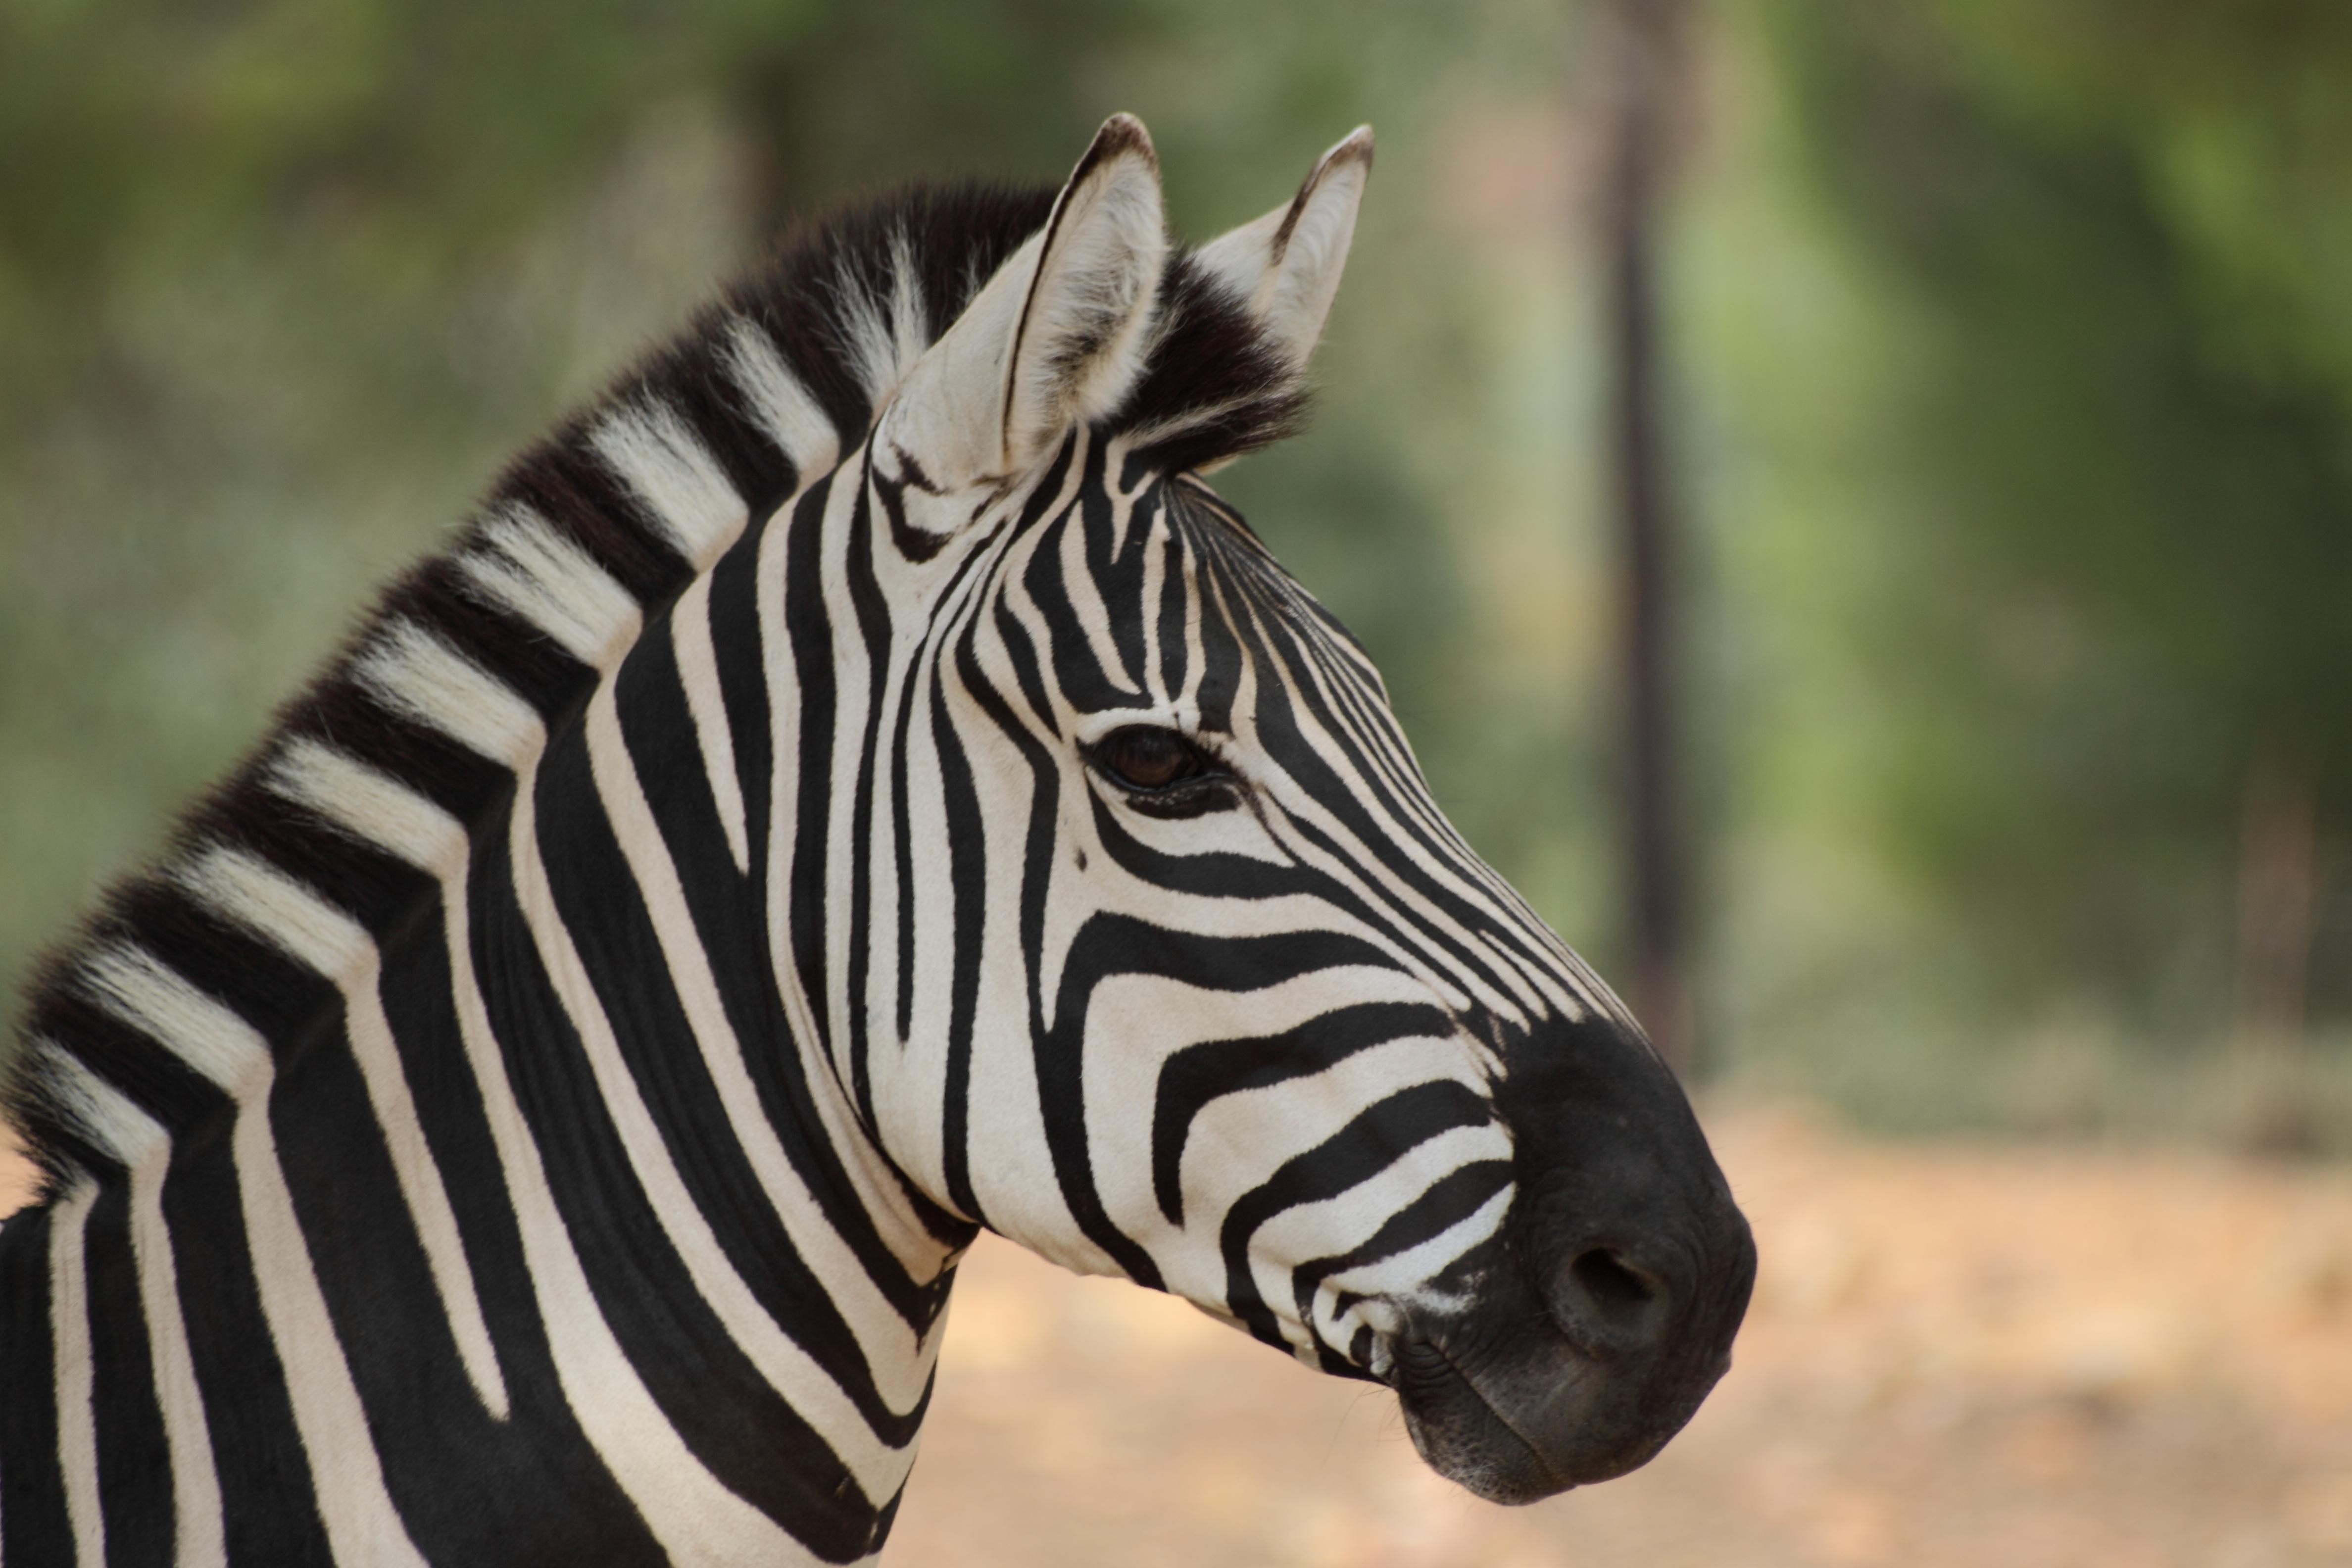 Zebra O Cebra Yahoo cebra | fotos d...